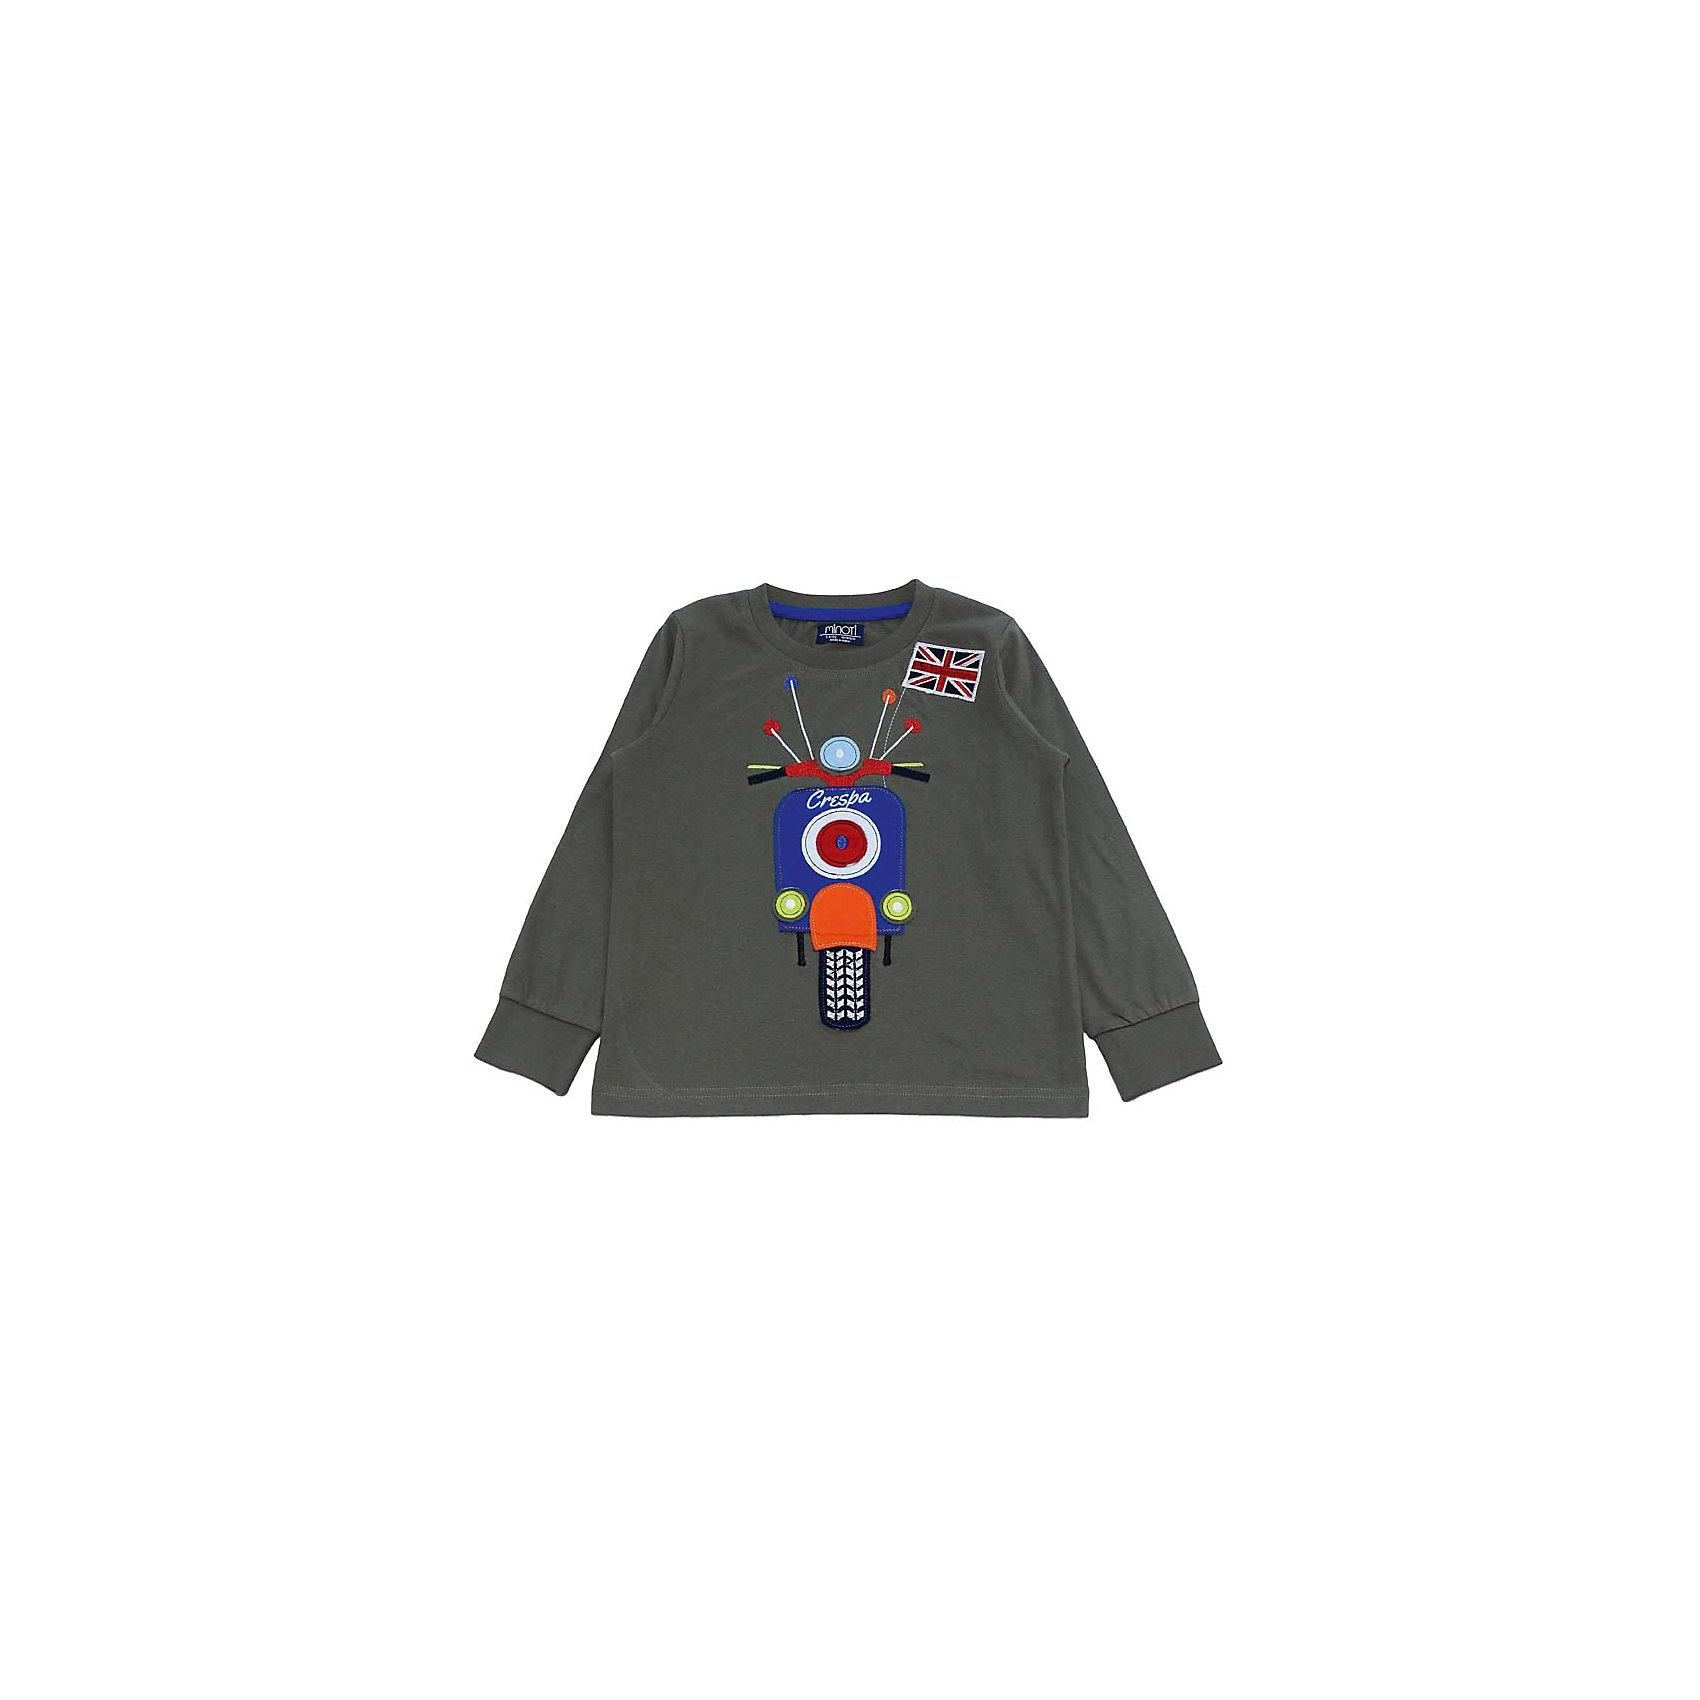 Футболка с длинным рукавом для мальчика MinotiФутболка с длинным рукавом для мальчика от популярной английской марки Minoti<br><br>Модная футболка отличается продуманным кроем и эффектным дизайном. Модель легко надевается, отлично смотрится, не стесняет движения. Материал содержит натуральный хлопок, гипоаллергенный, дышащий и приятный на ощупь.<br><br>Особенности модели:<br><br>- материал: трикотаж;<br>- цвет: хаки;<br>- аппликация из трикотажа - мотоцикл;<br>- ворот круглый, с окантовкой;<br>- на рукавах - манжеты из широкой трикотажной резинки.<br><br>Дополнительная информация:<br><br>Состав: 100% хлопок<br><br>Уход за изделием:<br><br>стирка в машине при температуре до 30°С,<br>не отбеливать,<br>гладить на средней температуре.<br><br>Футболку с длинным рукавом для мальчика от Minoti (Минотти) можно купить в нашем магазине<br><br>Ширина мм: 190<br>Глубина мм: 74<br>Высота мм: 229<br>Вес г: 236<br>Цвет: хаки<br>Возраст от месяцев: 12<br>Возраст до месяцев: 18<br>Пол: Мужской<br>Возраст: Детский<br>Размер: 86/92,80/86,98/104,92/98<br>SKU: 4263424